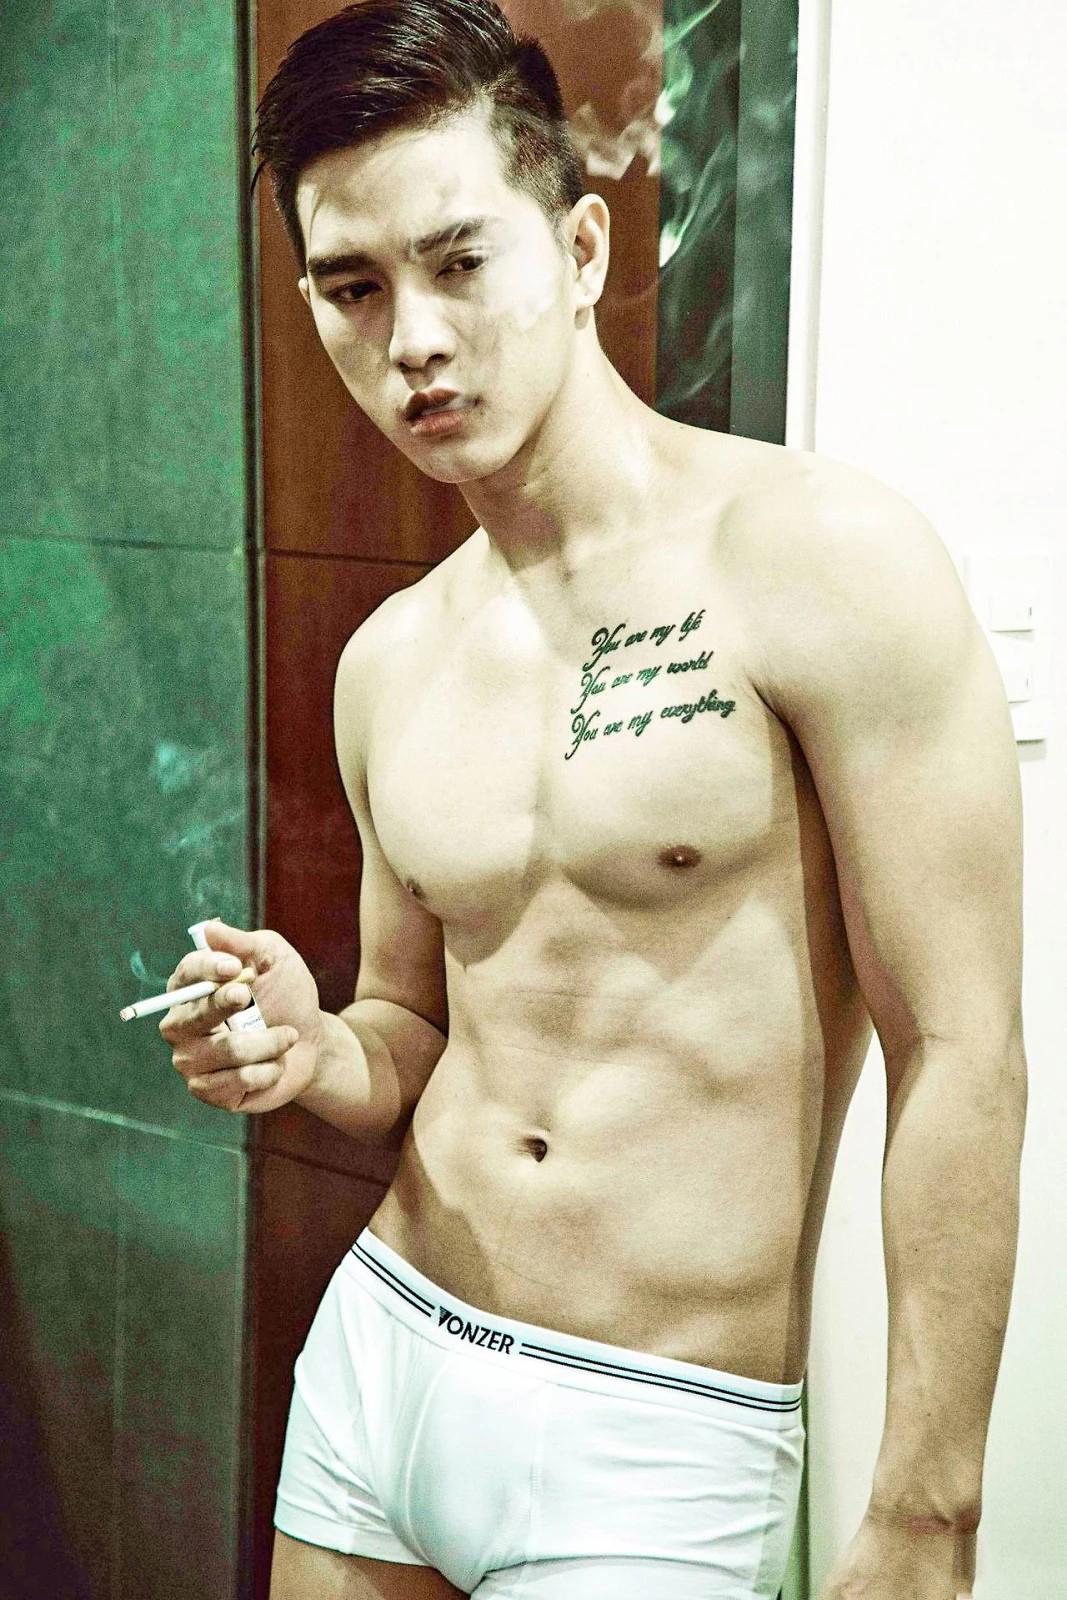 英文字母纹身肌肉美男子洗澡图片